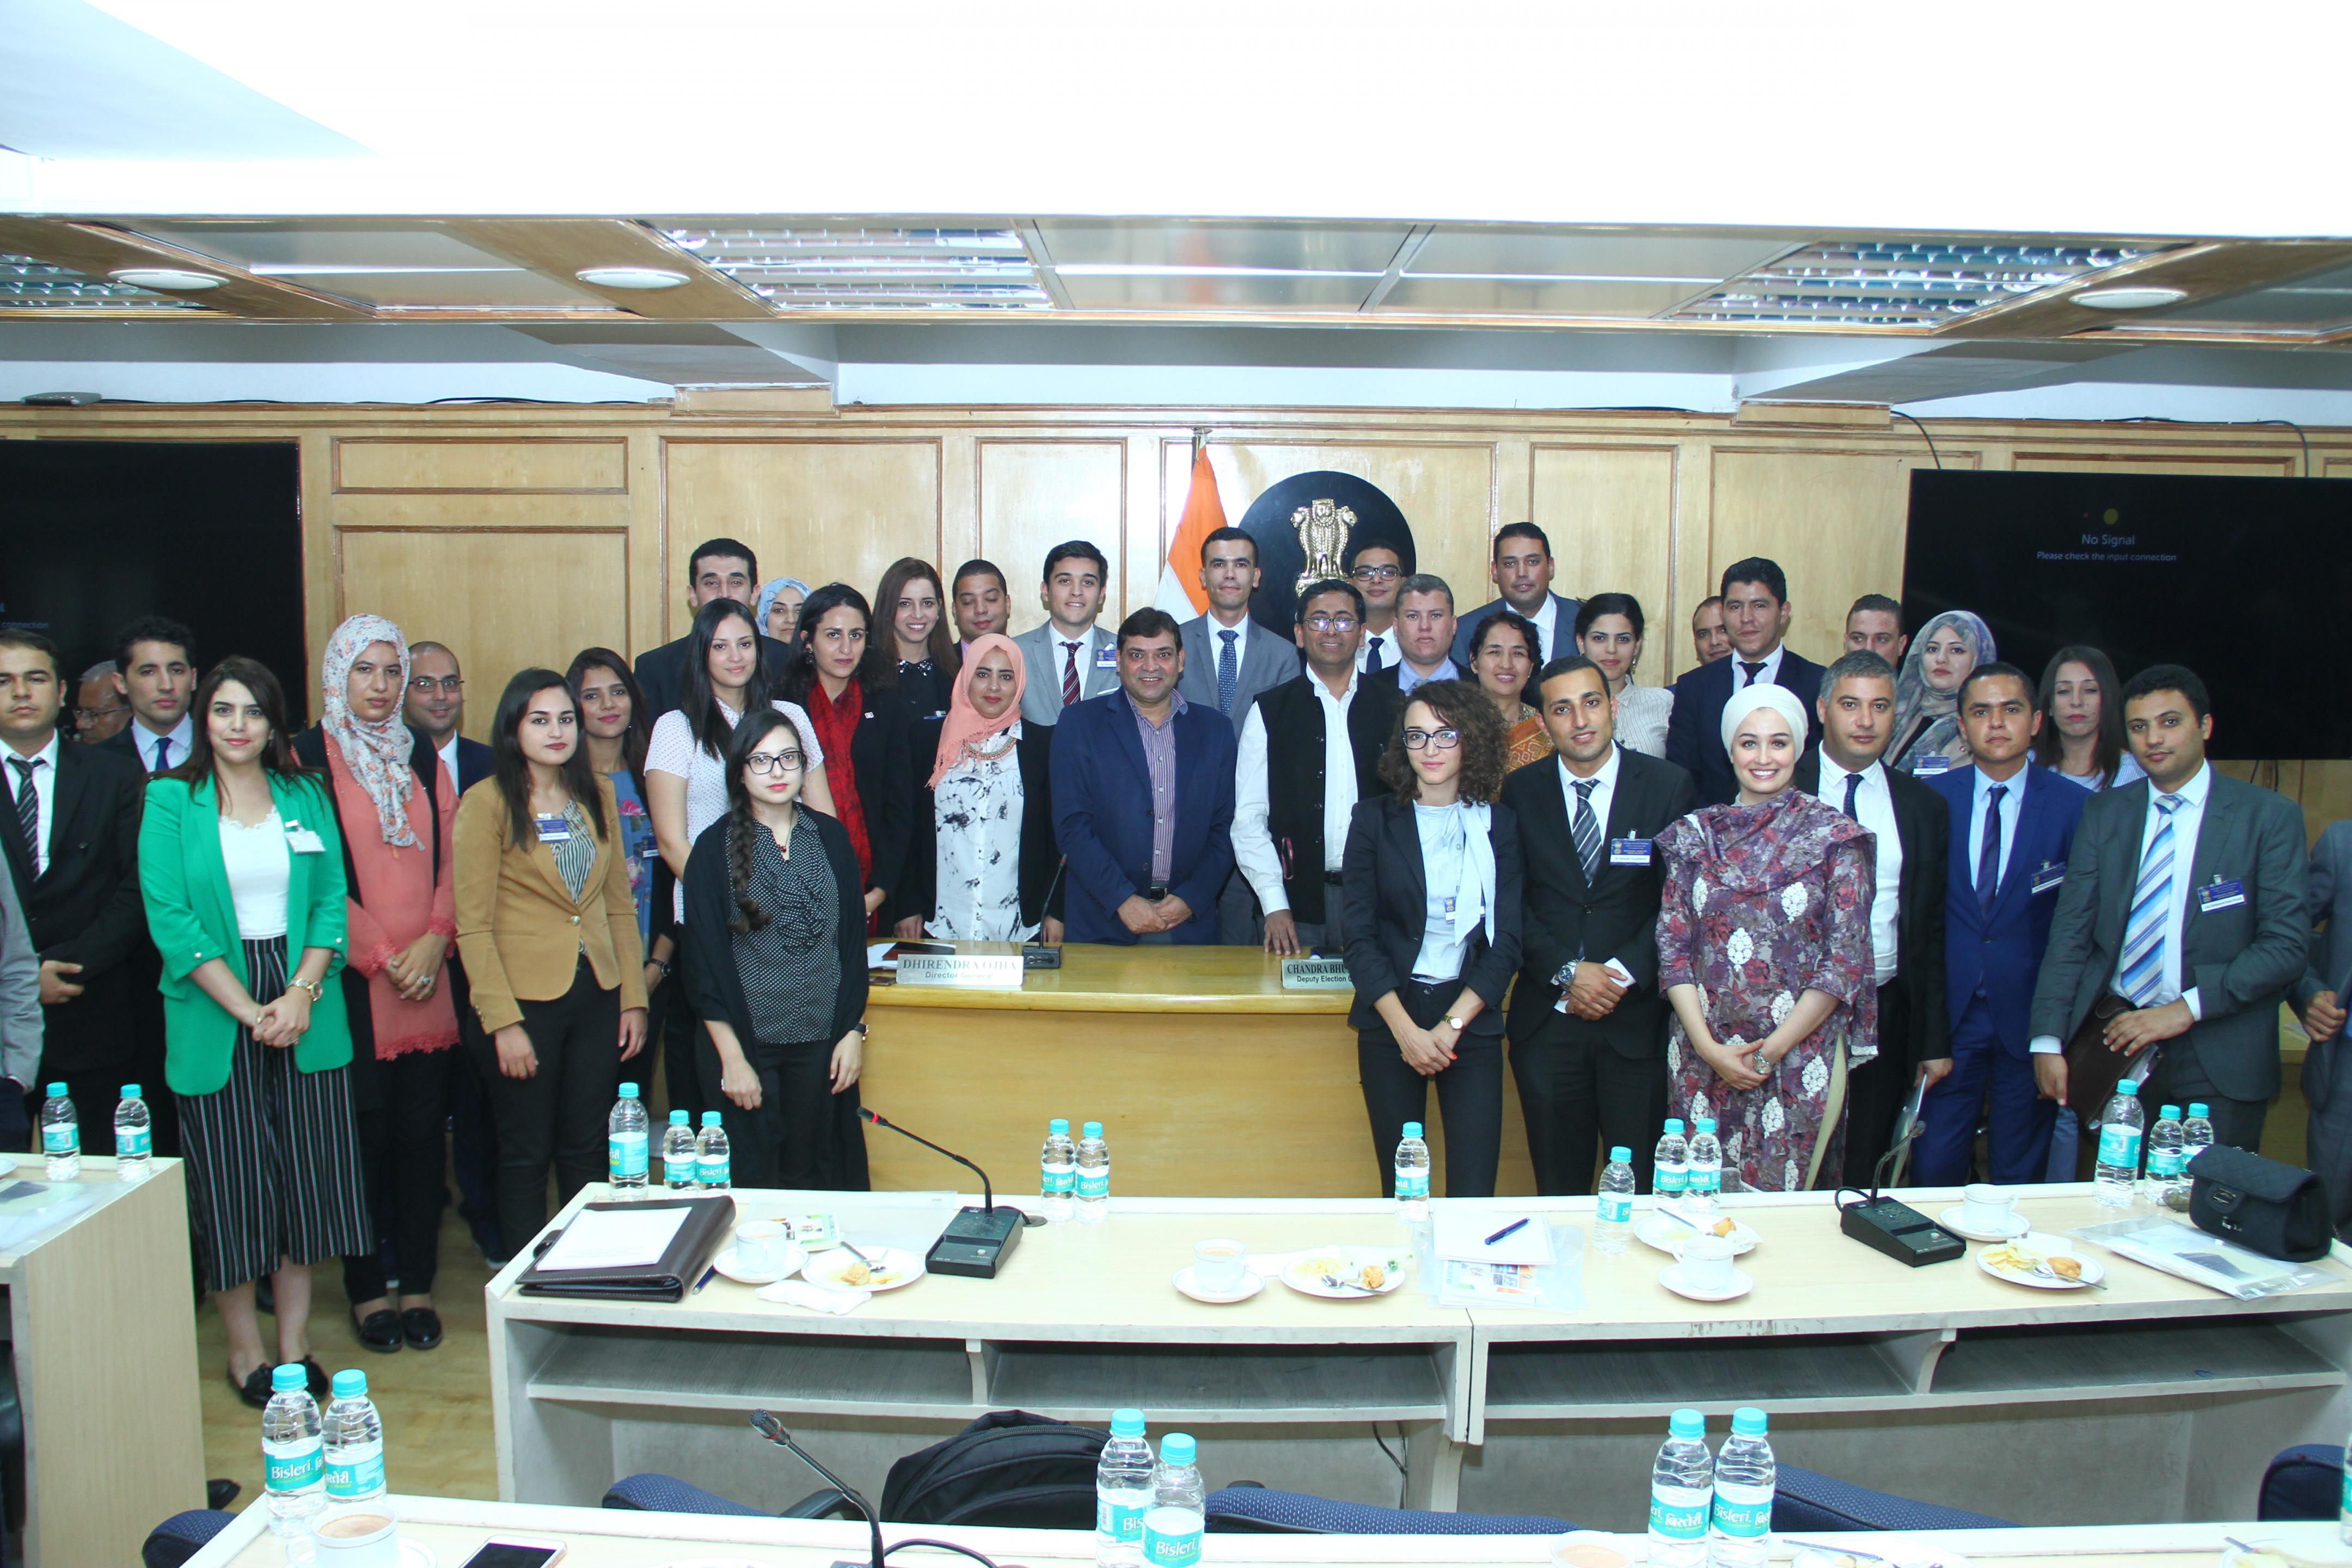 5 नवंबर, 2018 को 25 ट्यूनीशियाई राजनयिकों का भारत निर्वाचन आयोग का दौरा